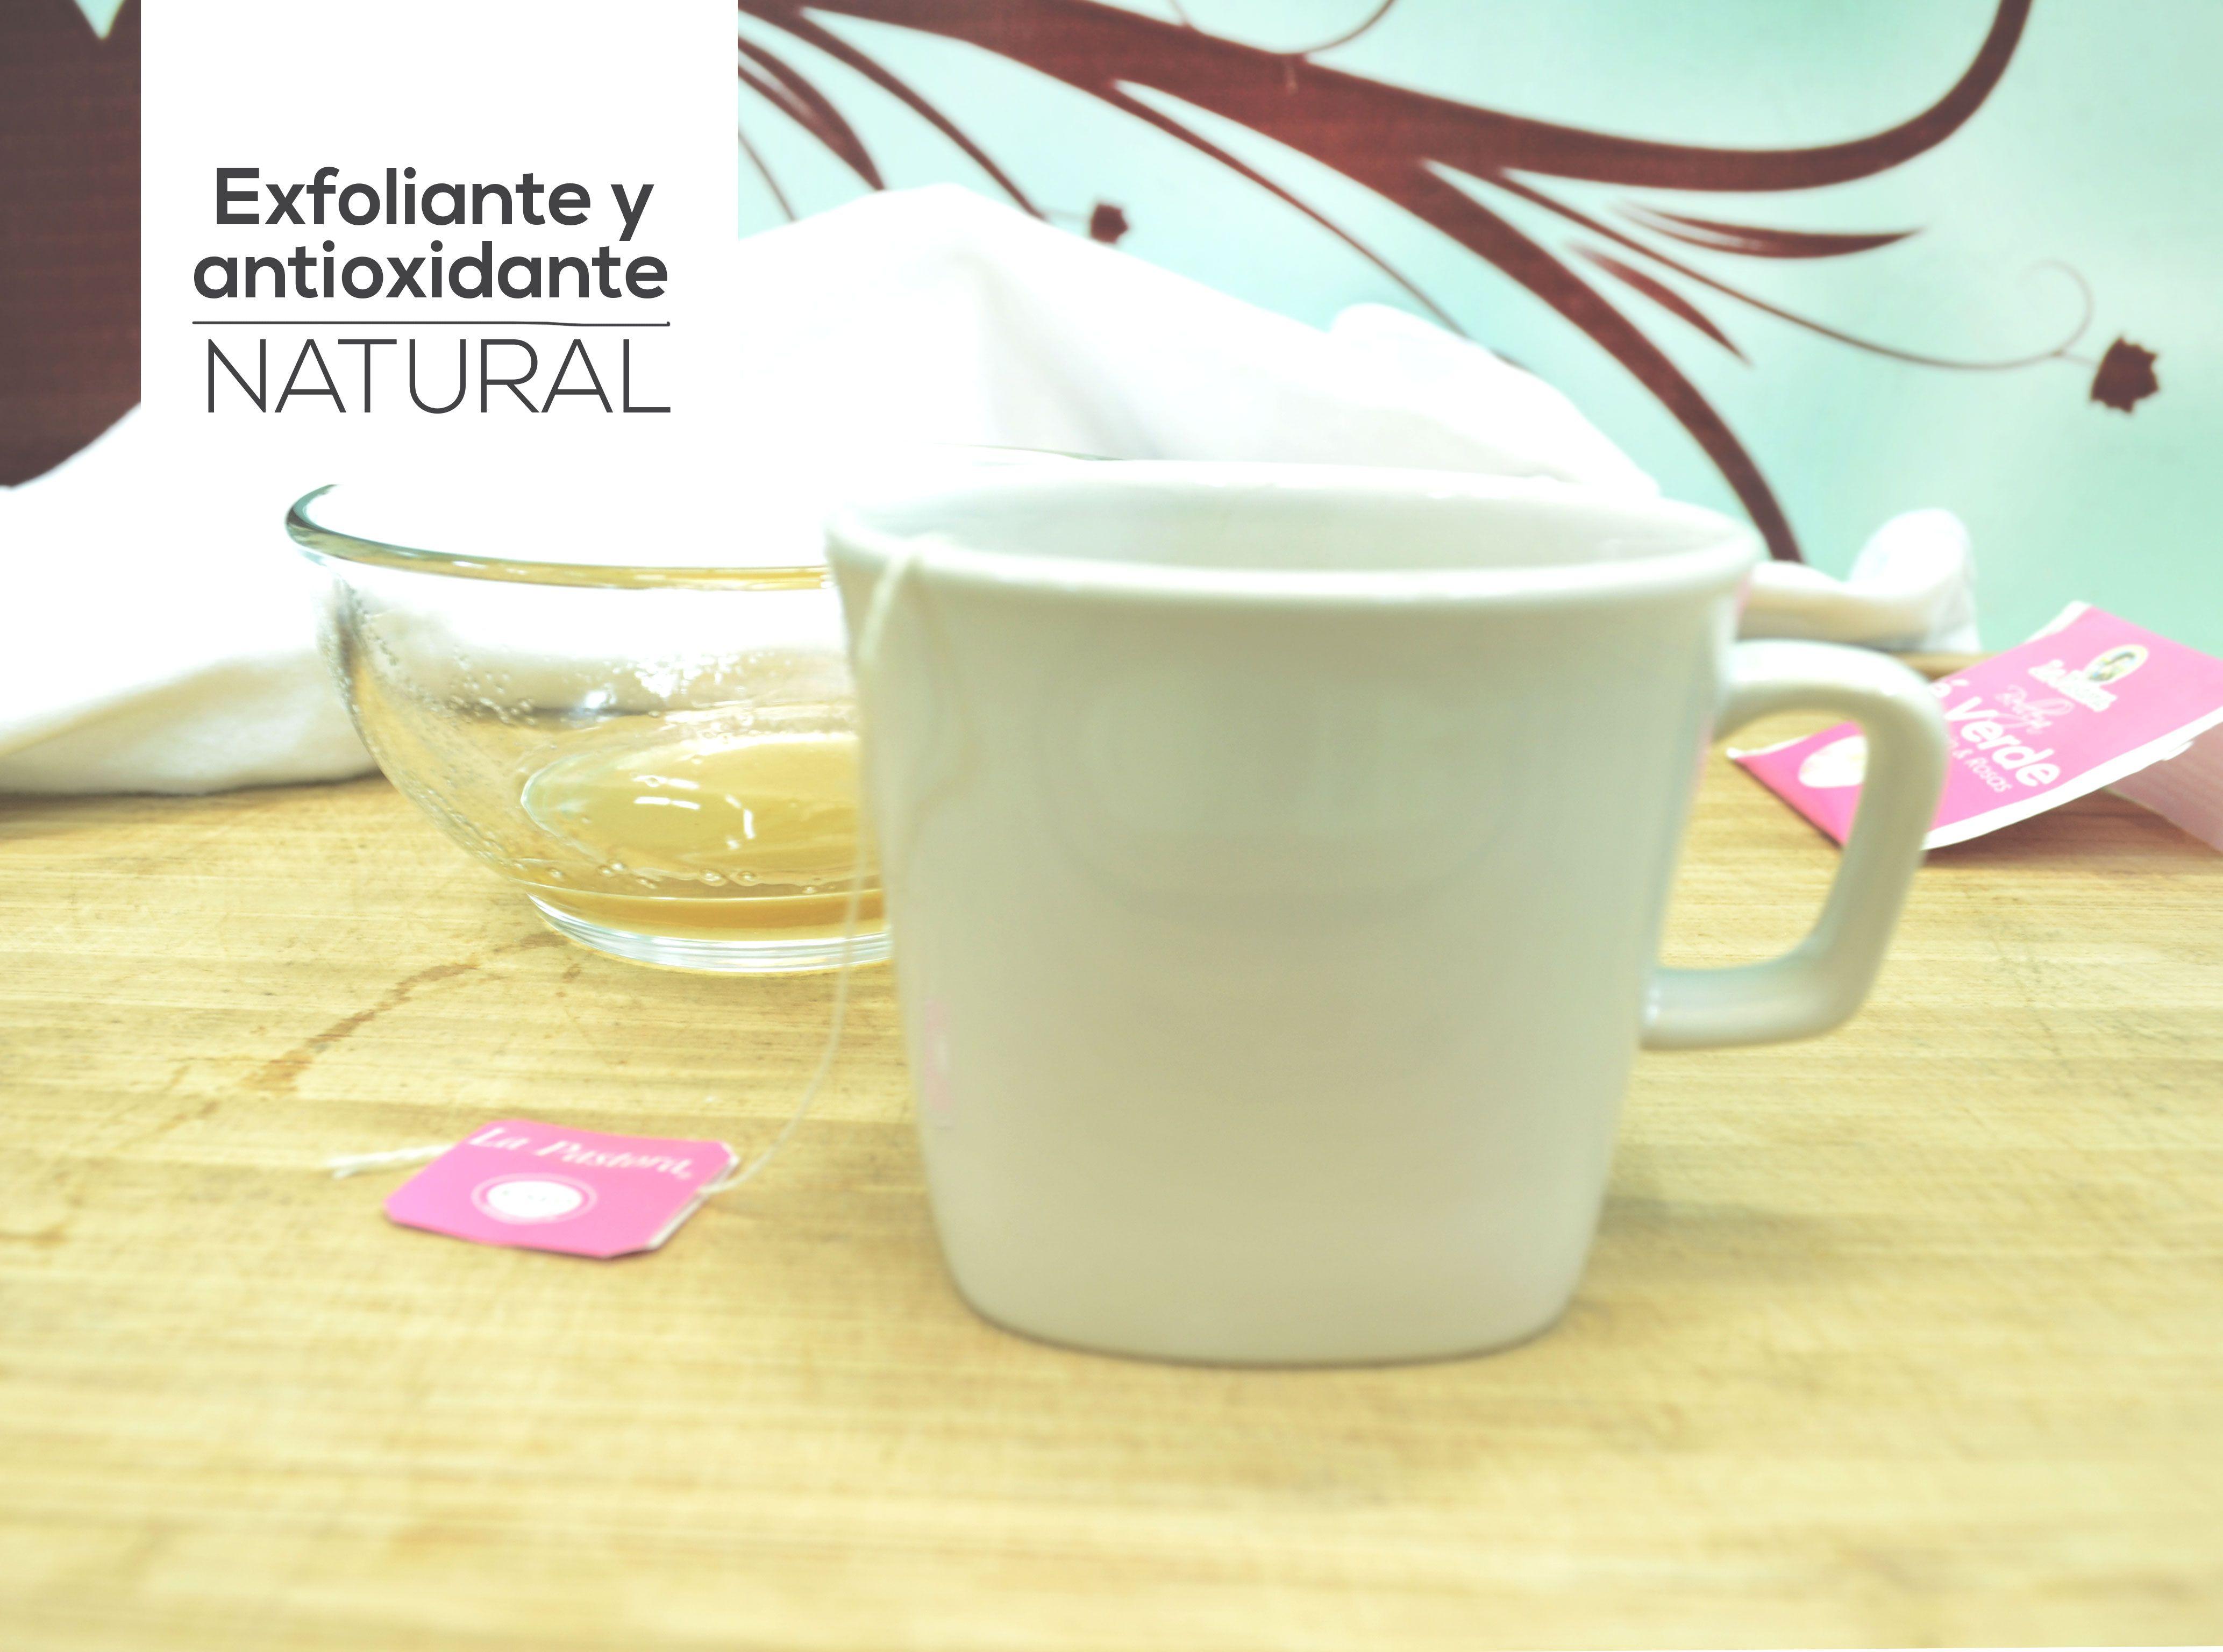 exfoliante-y-antioxidante